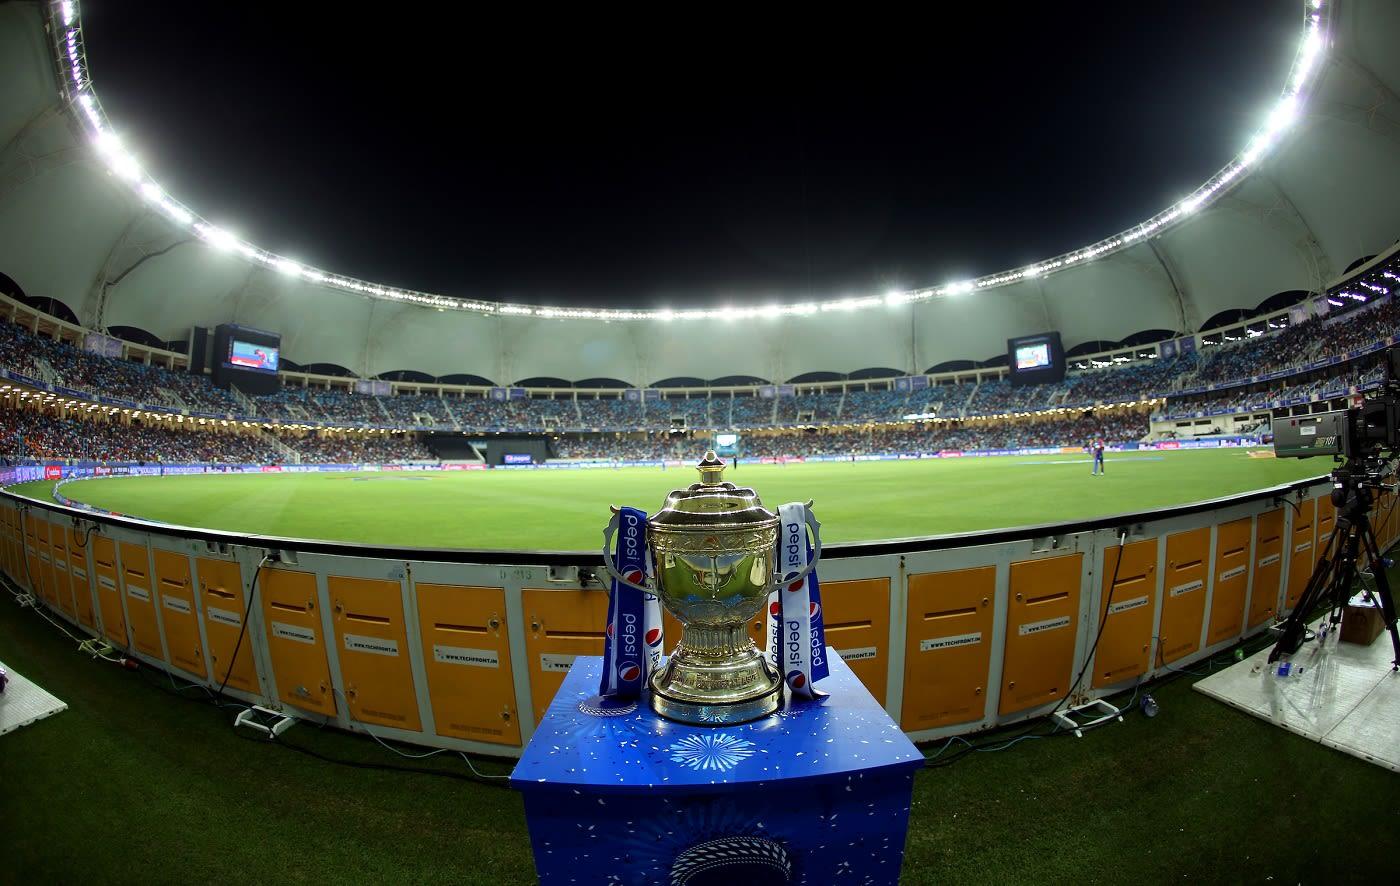 यूएई में इस दिन से खेले जाएंगे बचे हुए आईपीएल के मैच